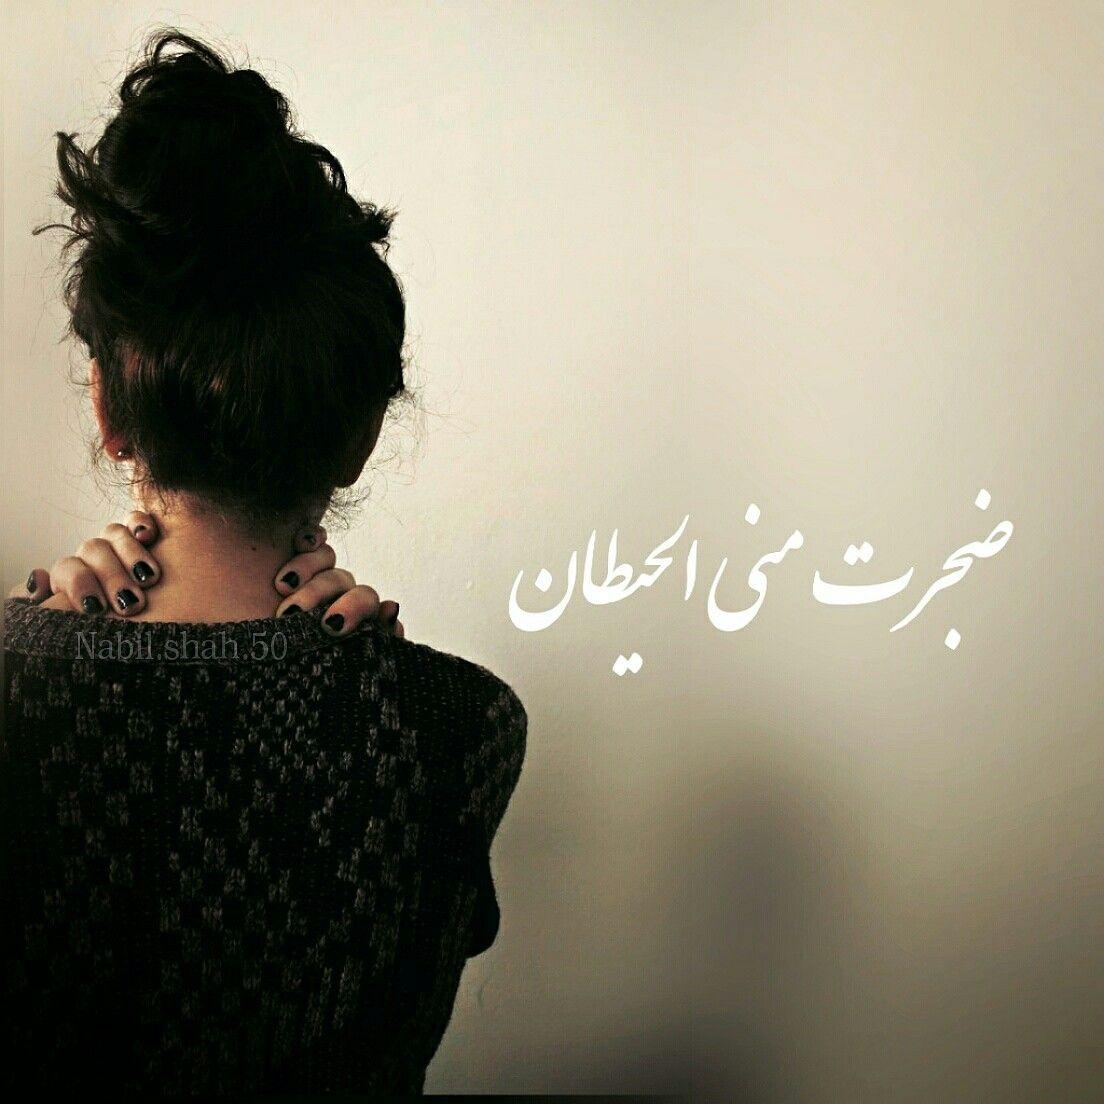 بالصور صور كلام وحب , صور وكلمات الحب الجميلة 3658 10